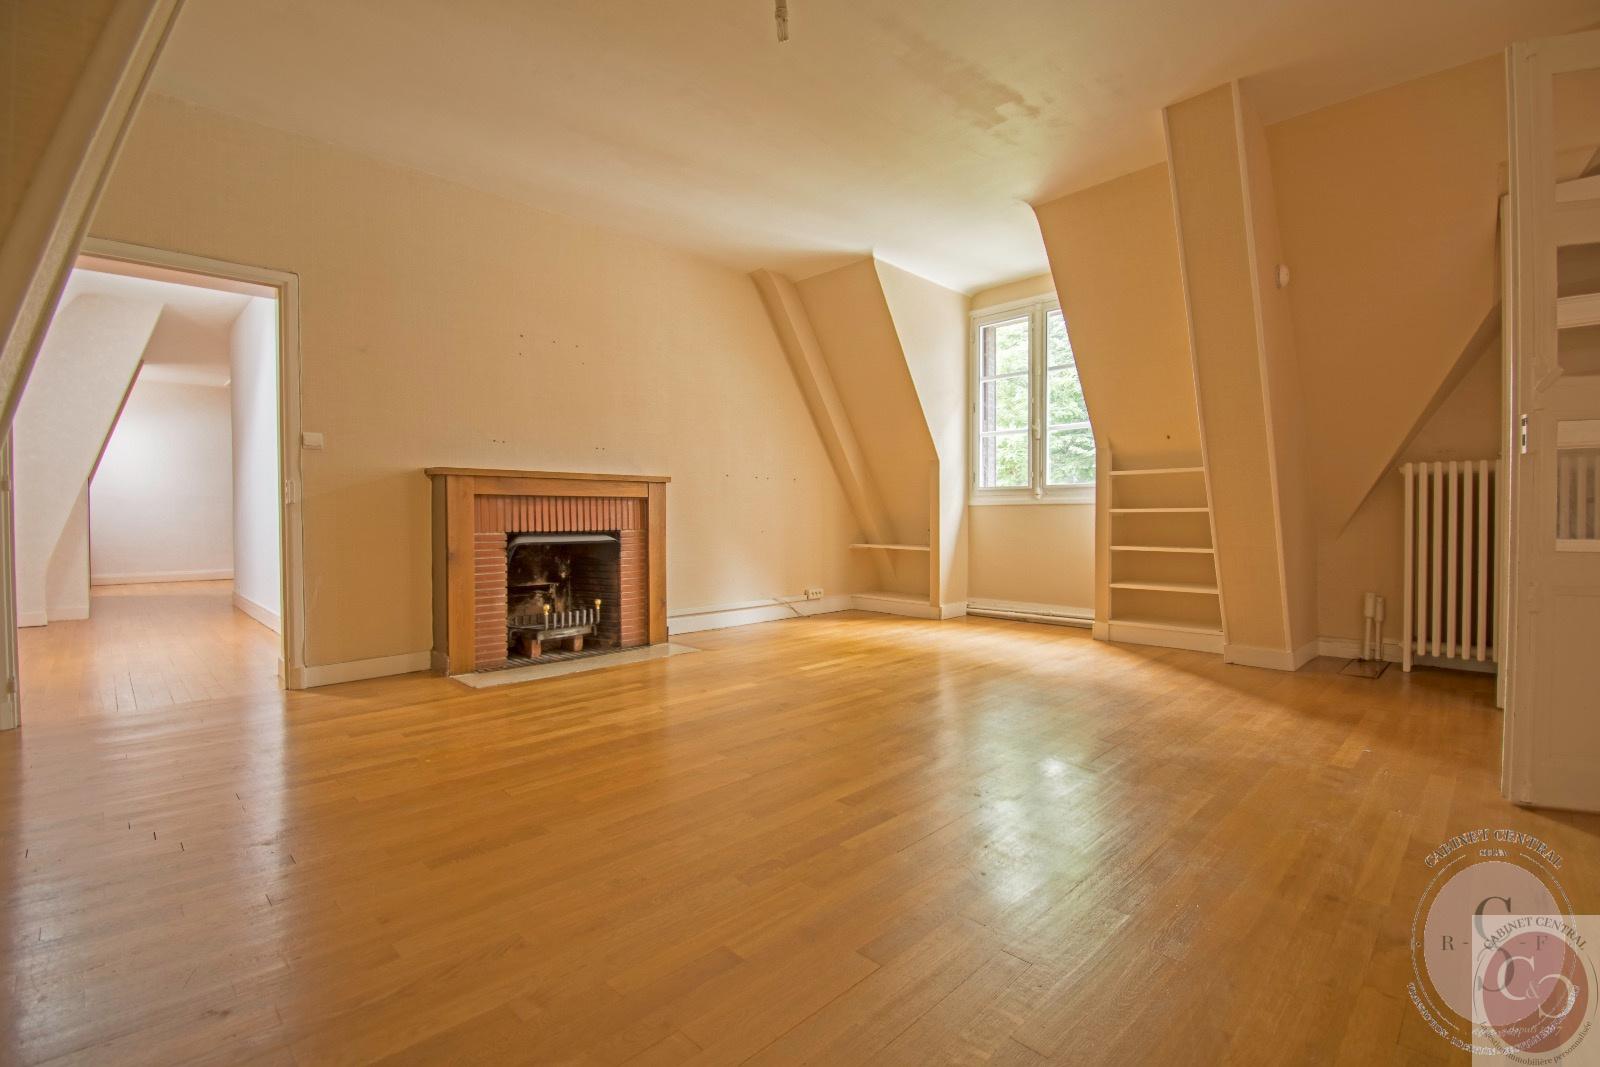 Vente a blois centre ville appartement vendre avec vue sur loire et chateau - Location appartement meuble blois ...